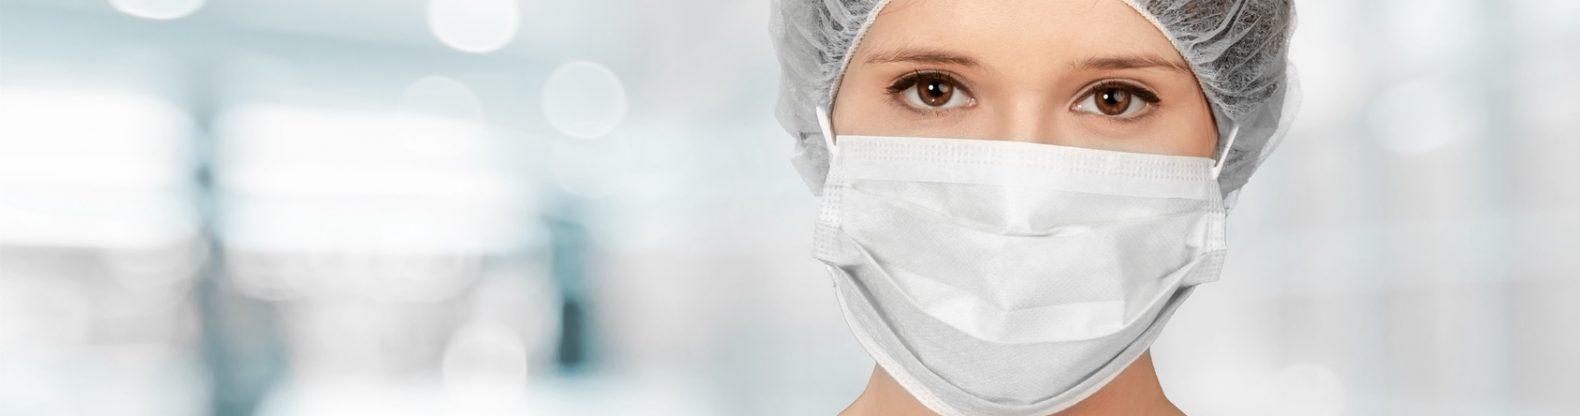 Covid e rischi ospedalieri, premio ai 2 infermieri del Gemelli